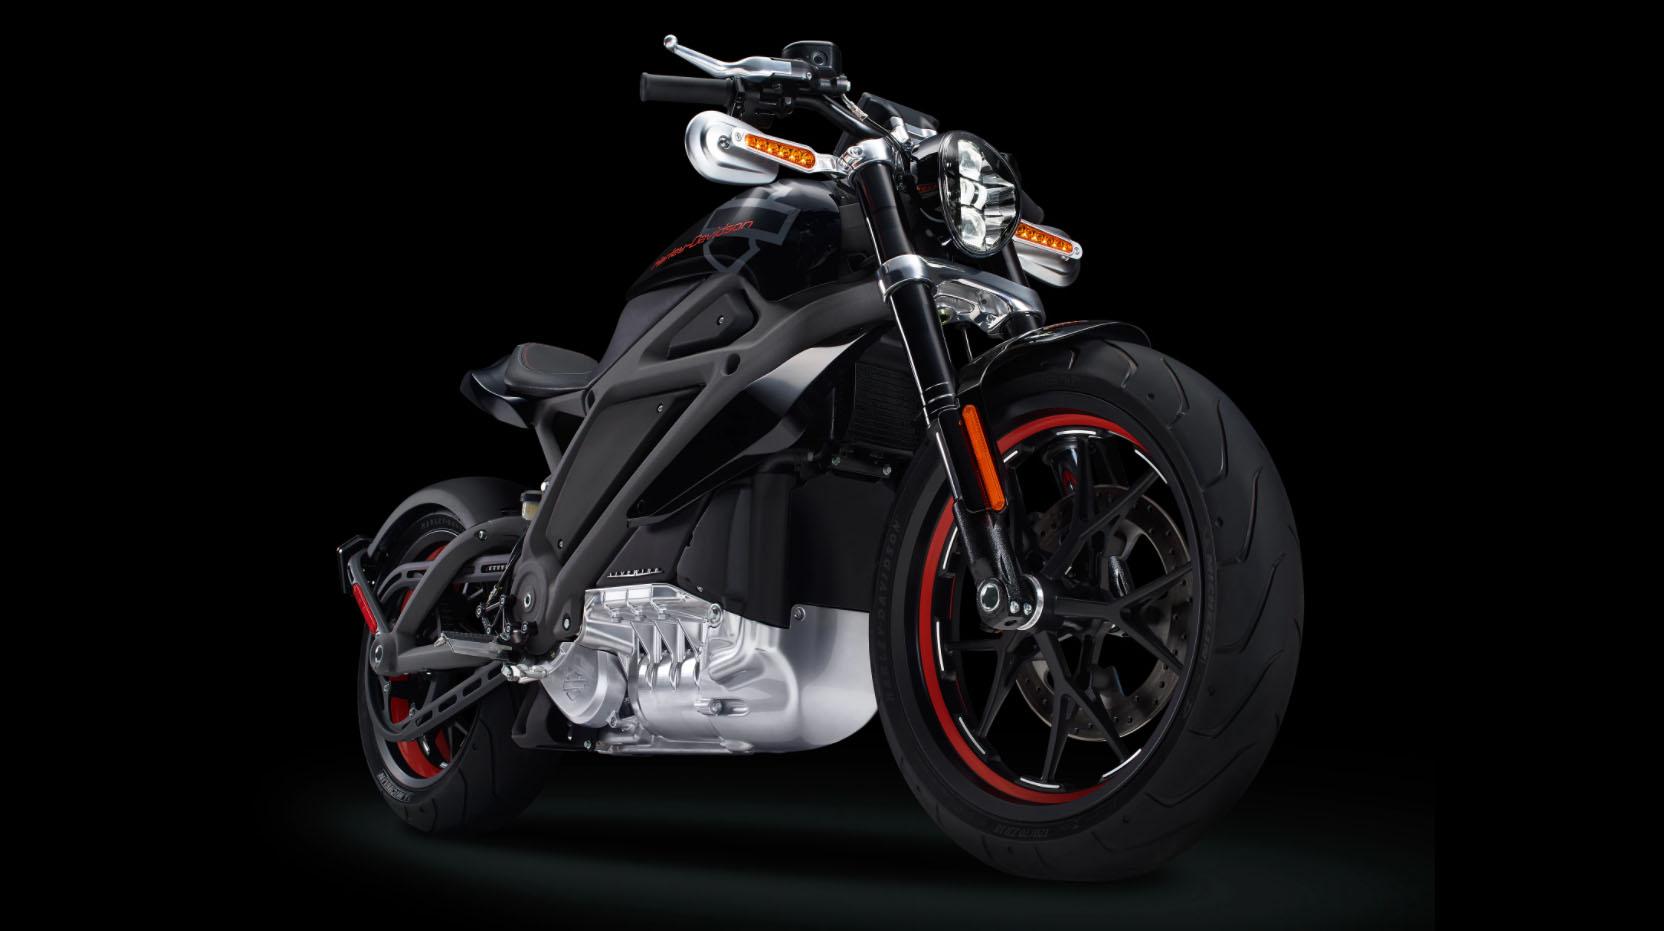 H-D:s elmotorcykel närmar sig lansering!